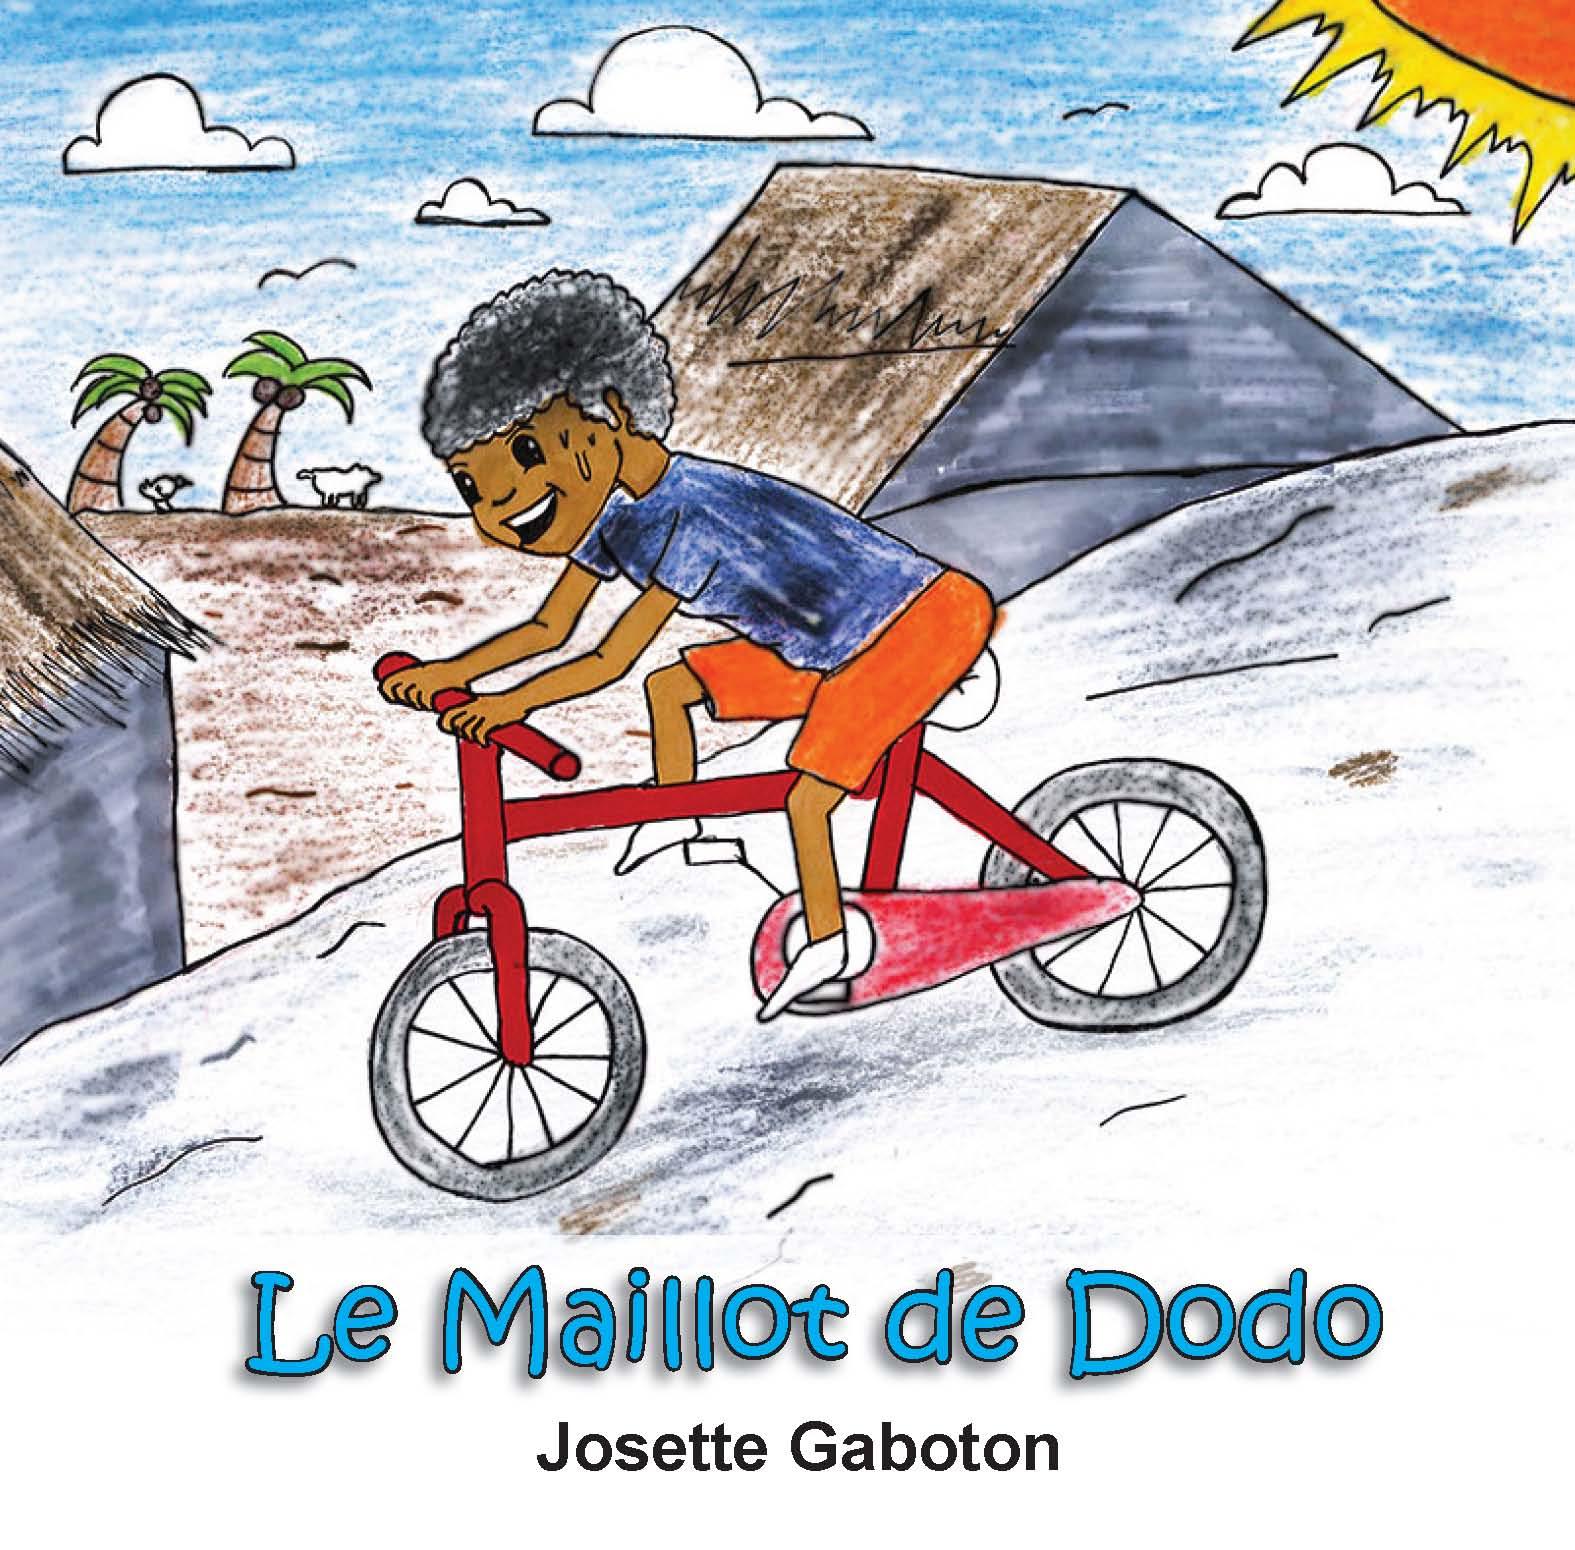 Le Maillot de Dodo